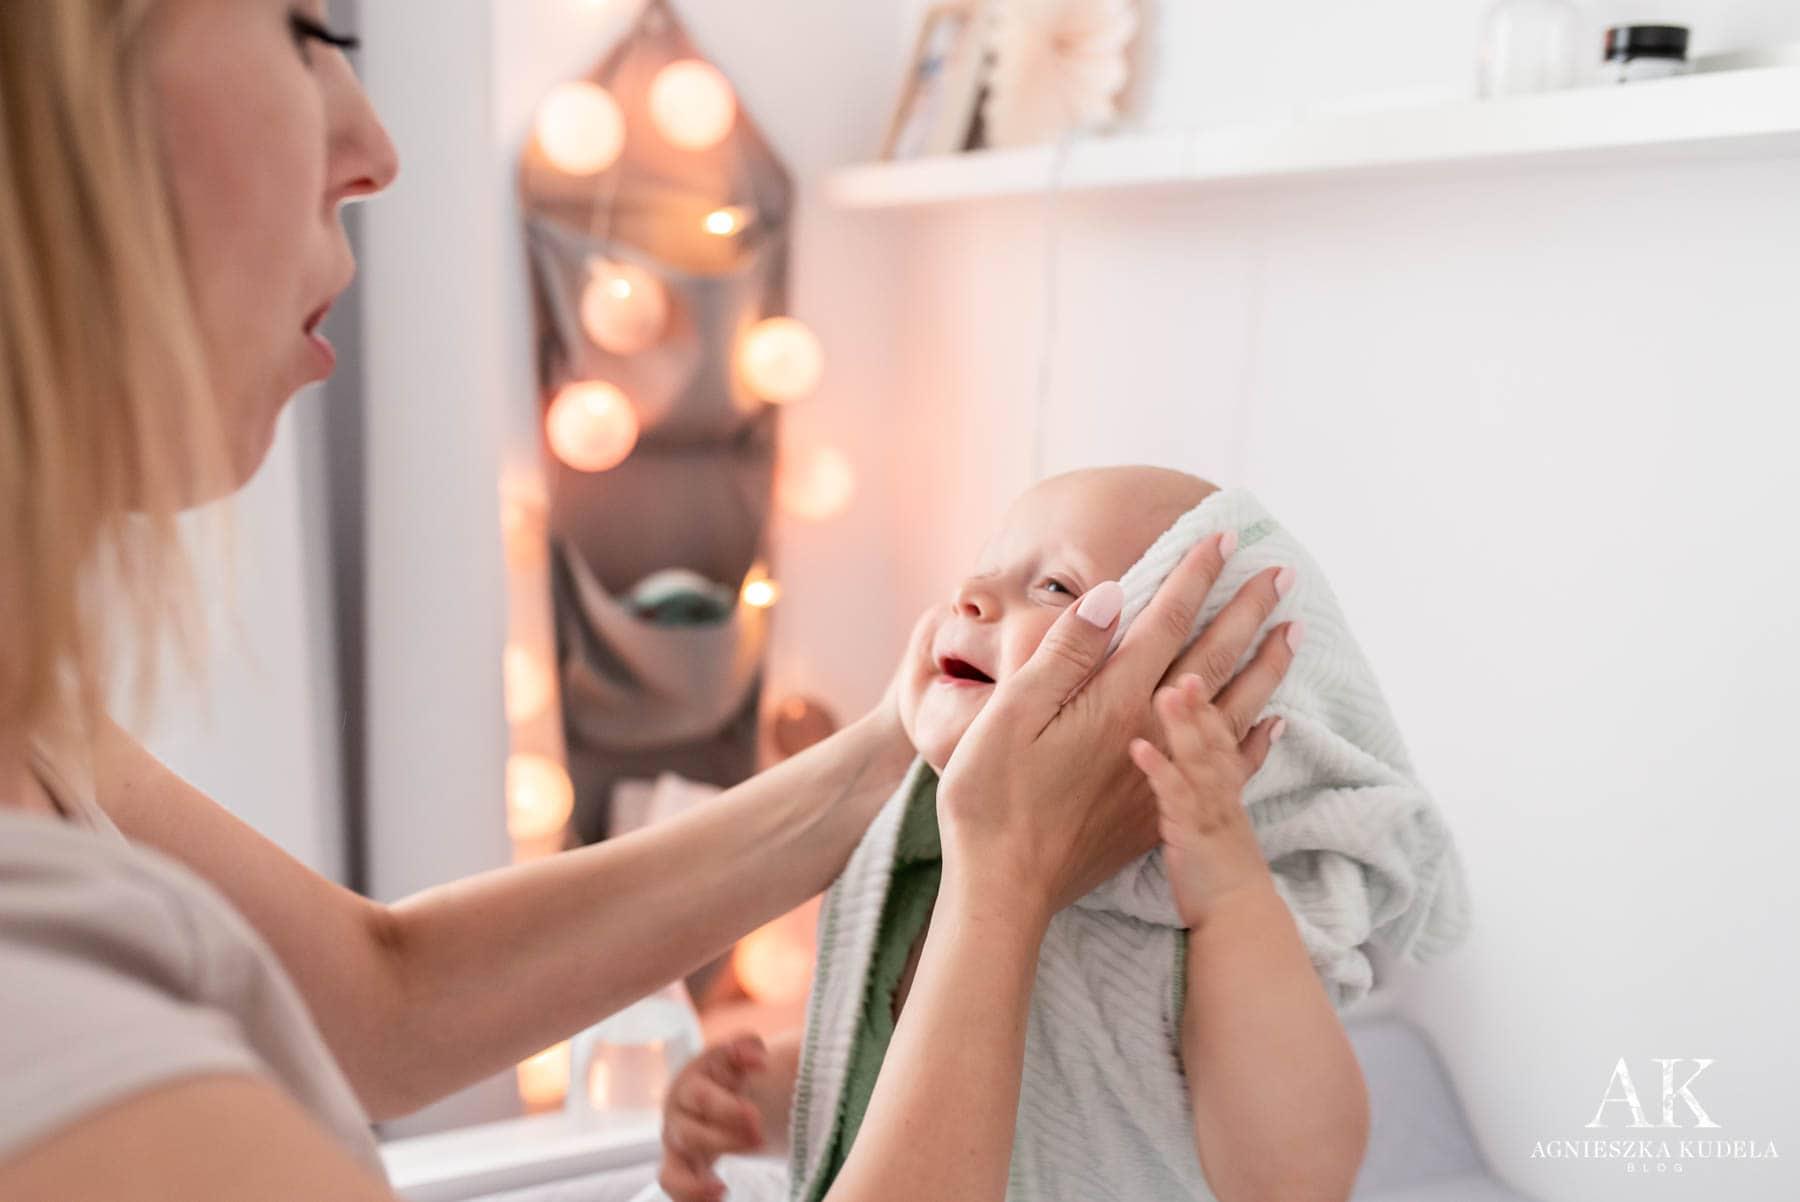 kąpiel niemowlaka wanienka ręczniczek